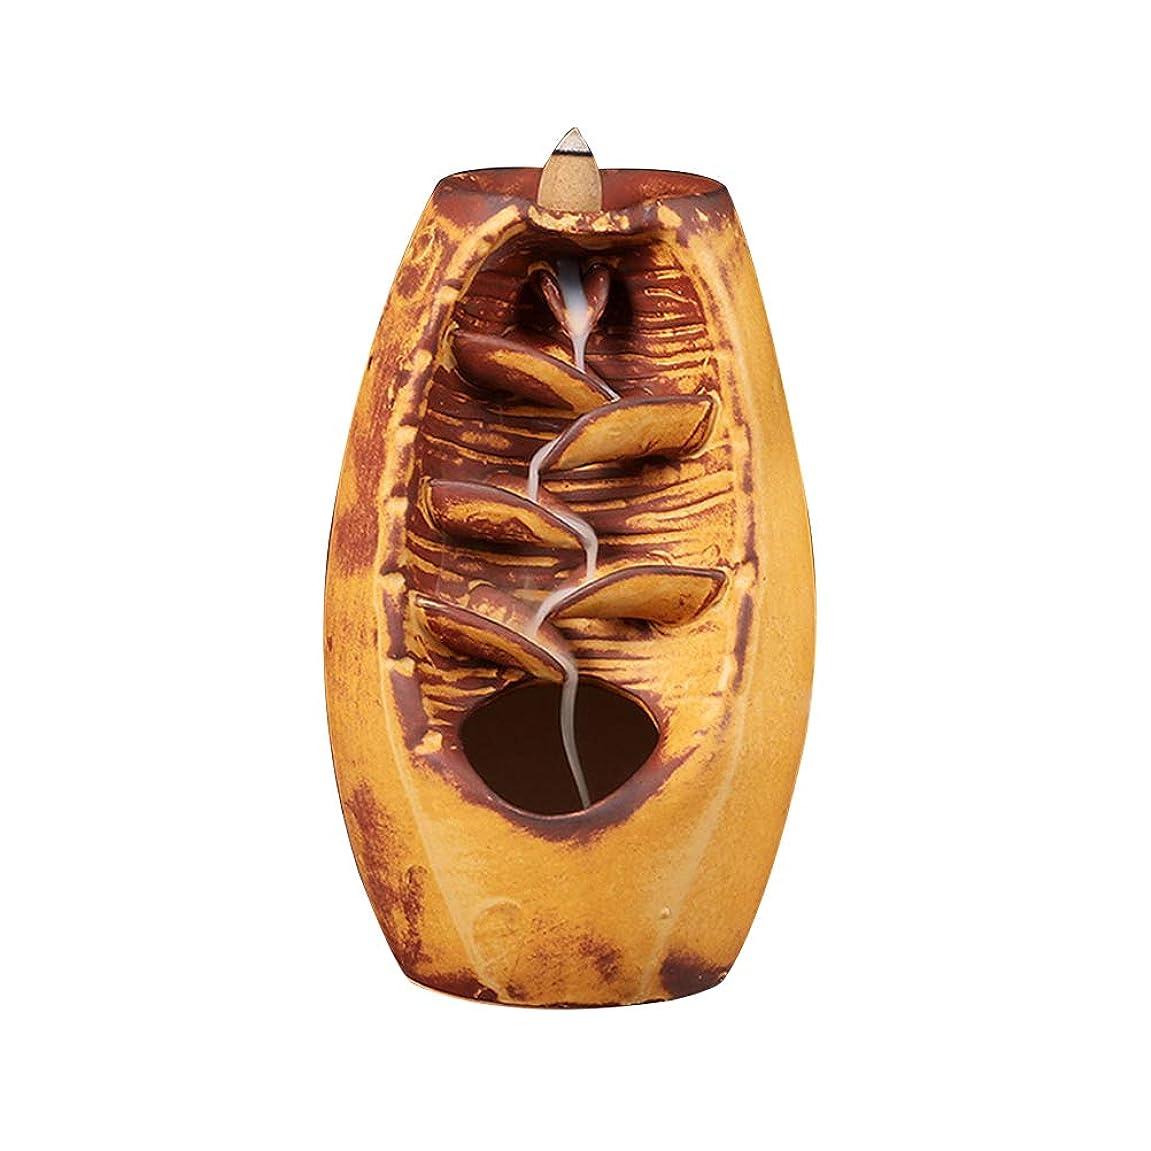 パック一定呼吸Vosarea 逆流香バーナー滝香ホルダーアロマ飾り仏教用品(金)